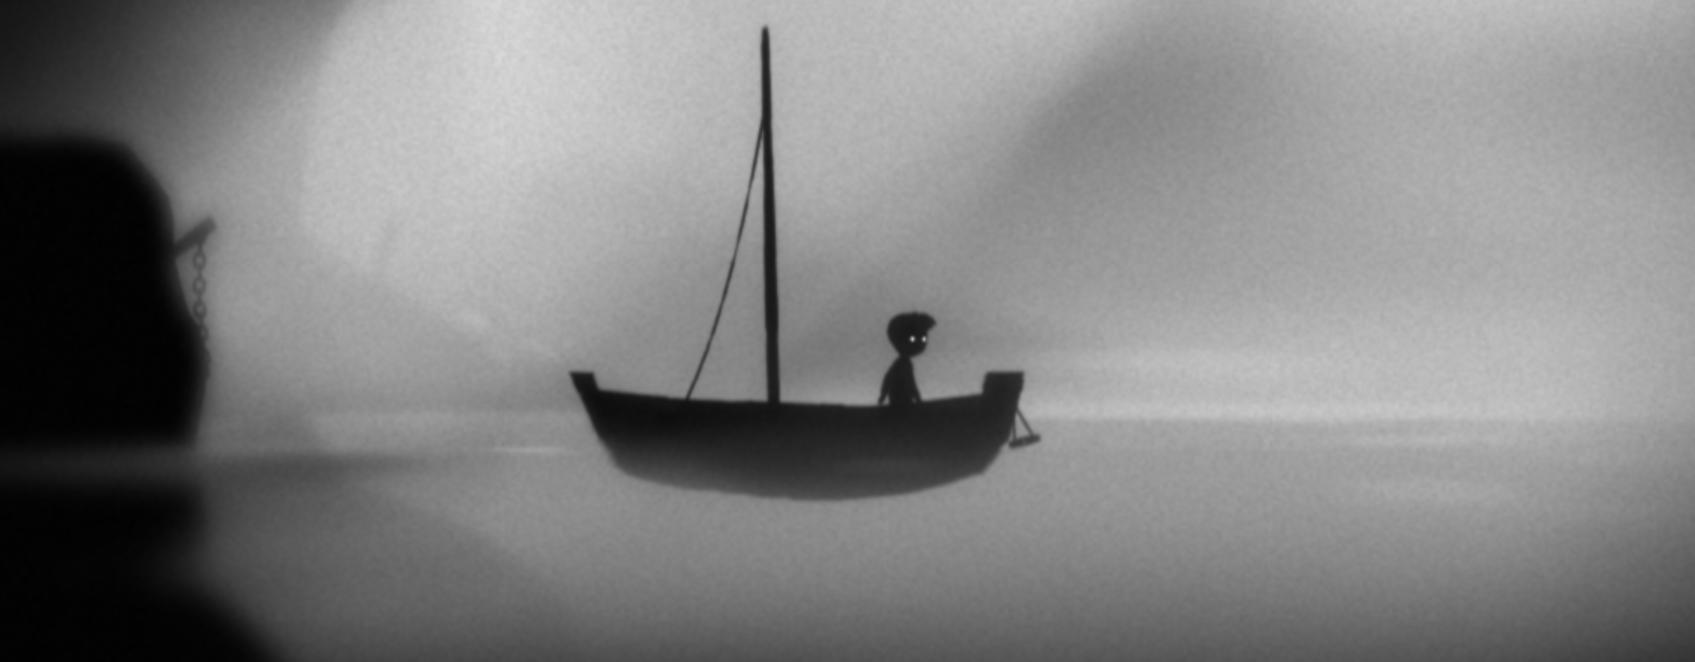 A boy in Limbo.